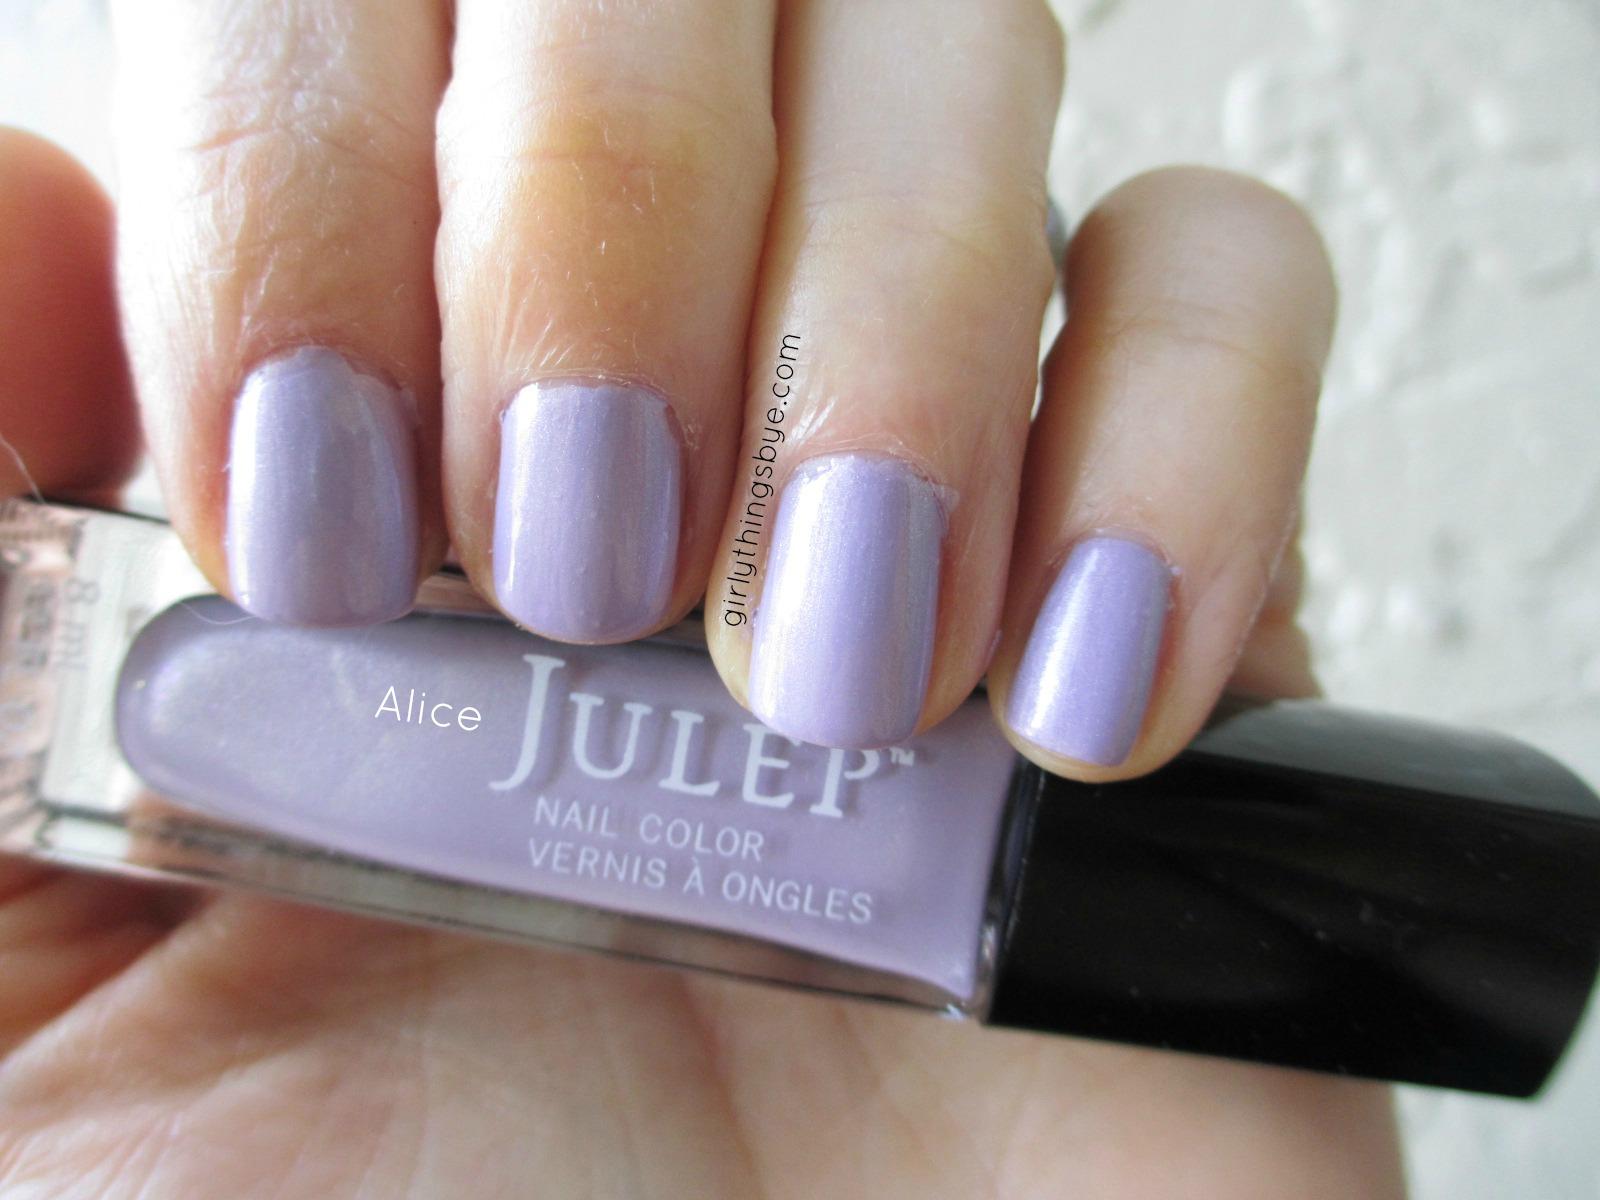 Manicure Monday: Julep Maven May | @girlythingsby_e | Beauty Chit Chat